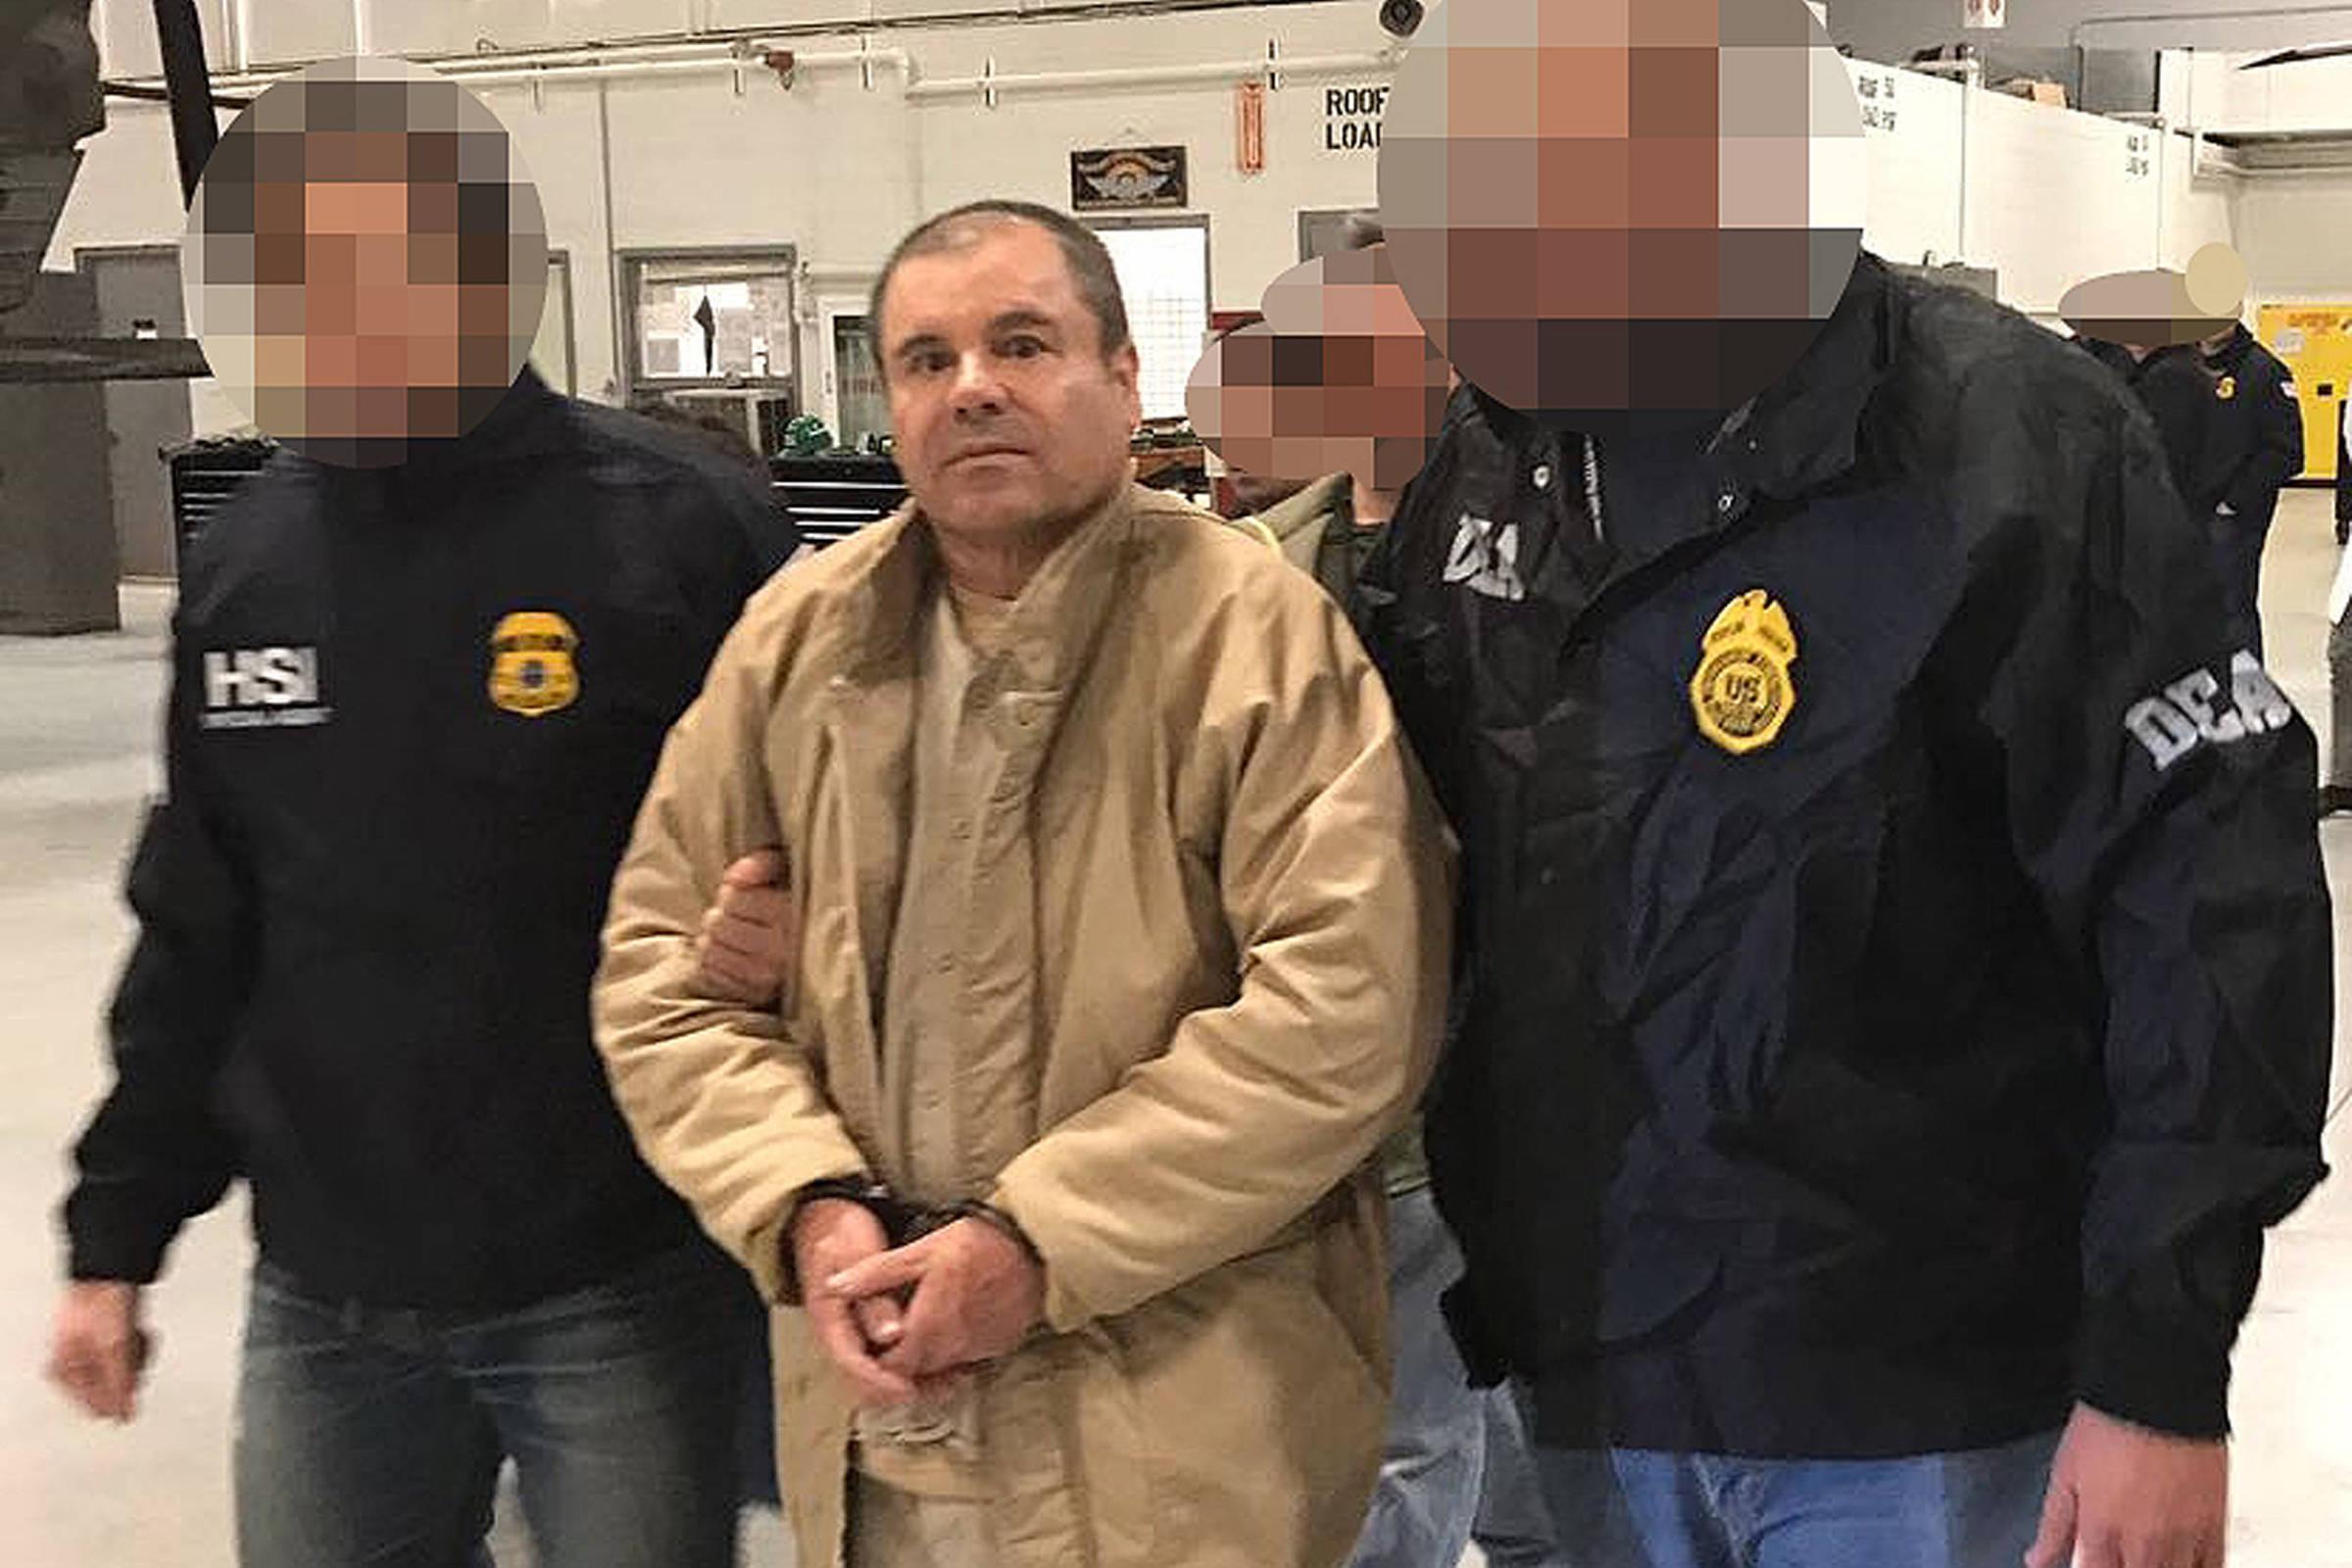 Traficante El Chapo é condenado nos EUA e pode ser sentenciado à prisão perpétua